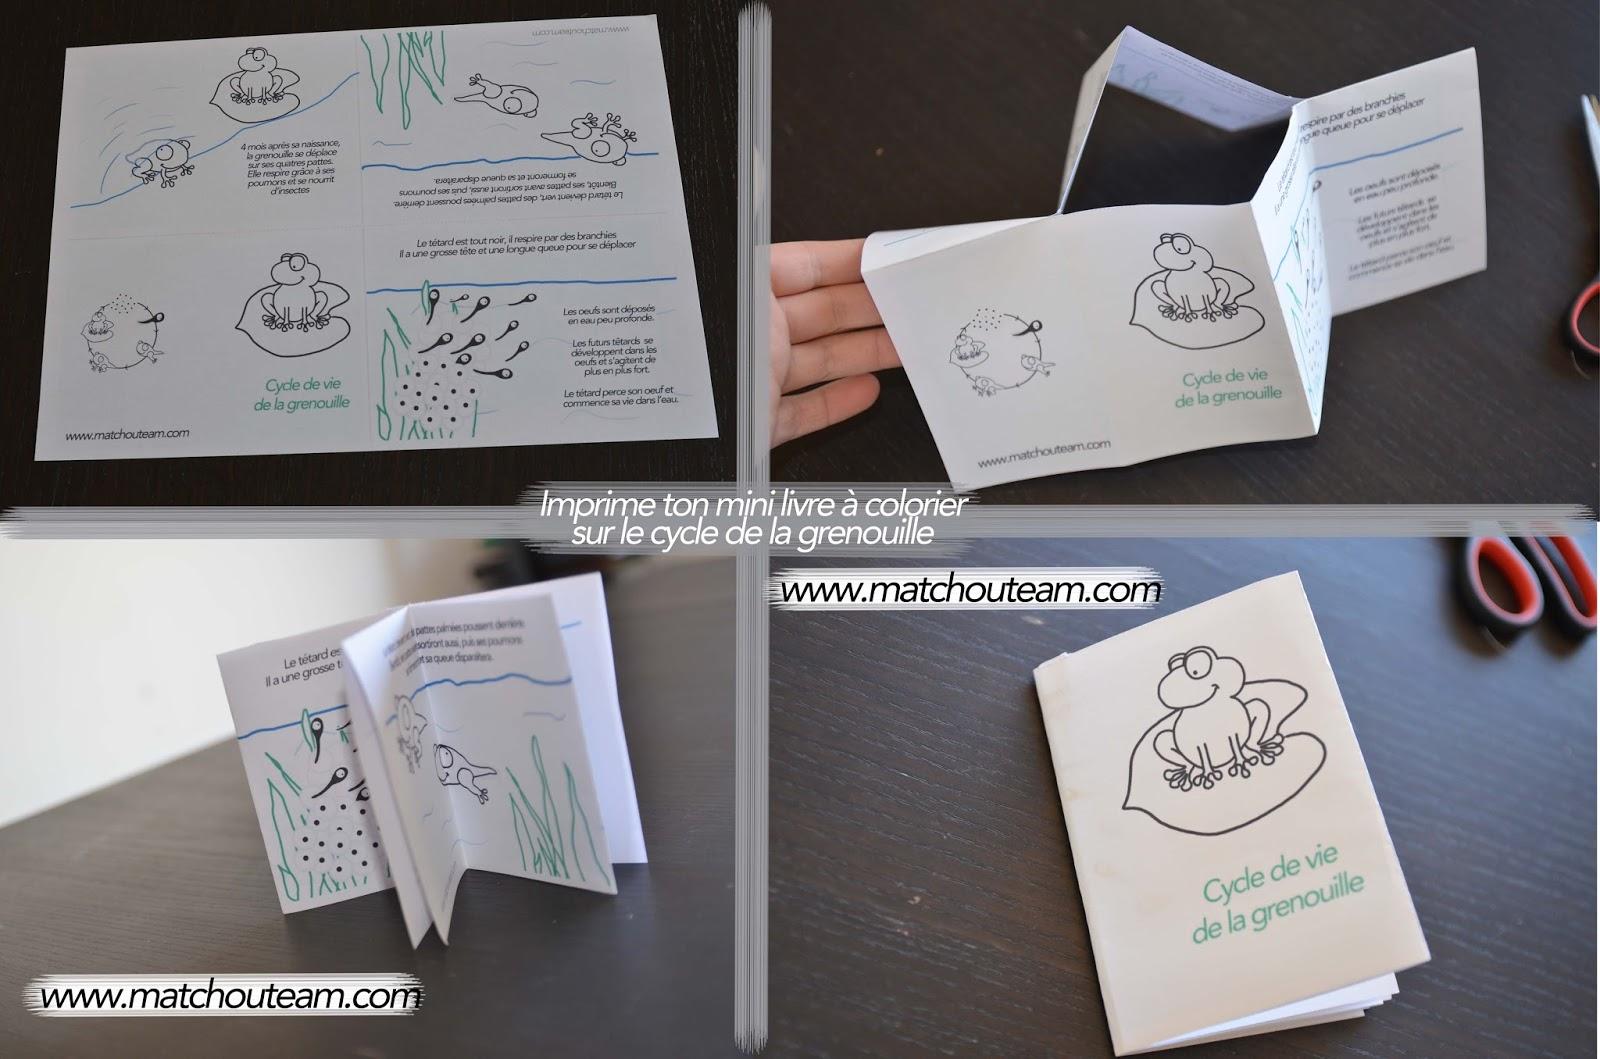 cycle de vie de la grenouille livre à imprimer